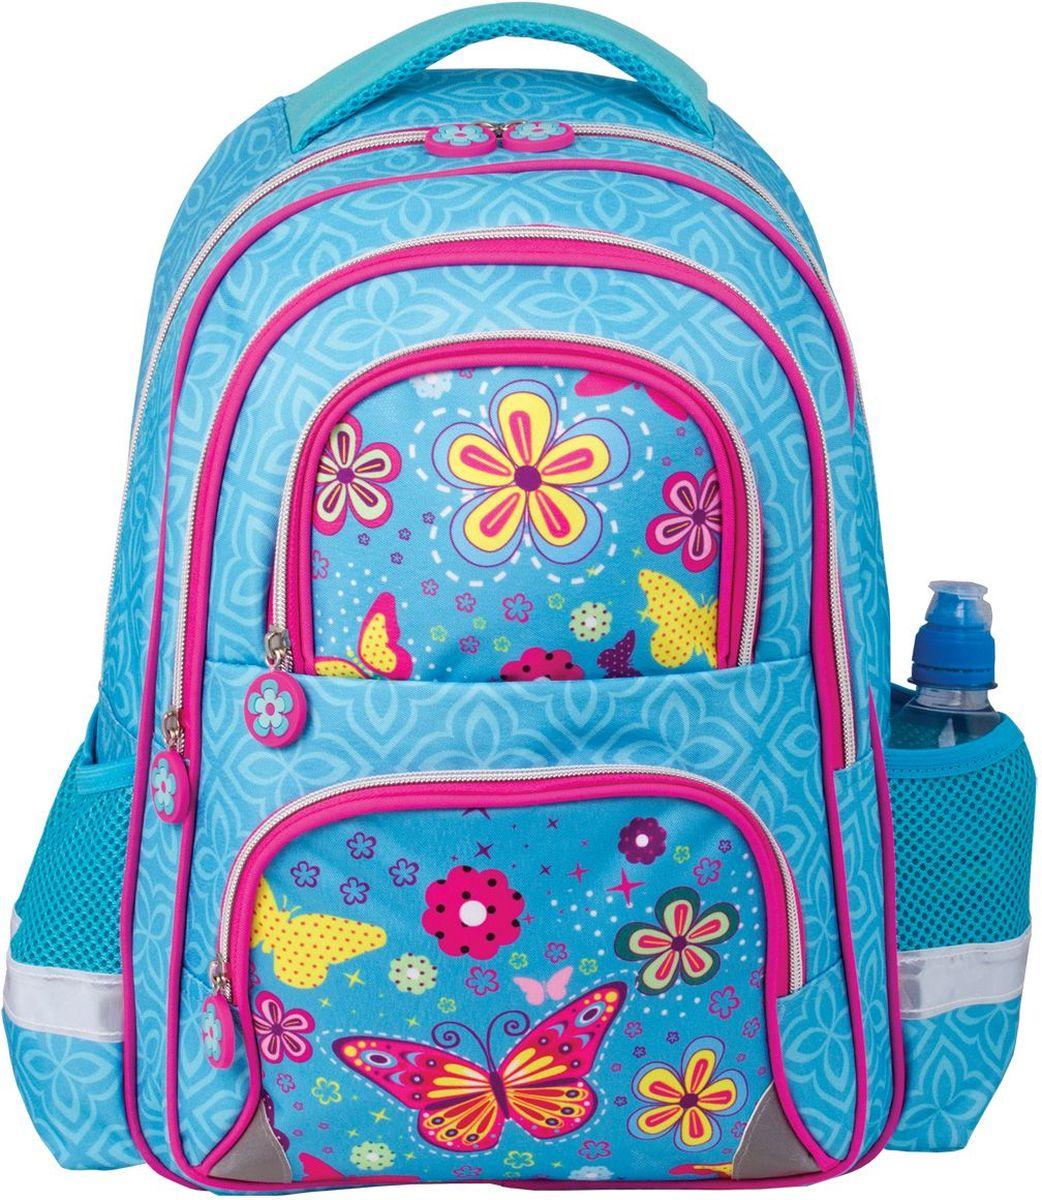 Brauberg Рюкзак детский Махаон72523WDРюкзак предназначен для девочек 7-10 лет. Модель выполнена в приятном бирюзовом цвете, дополнена оригинальным весенне-летним принтом. Благодаря яркой расцветке и надежной конструкции, с рюкзаком этой серии ребенок всегда будет выглядеть нарядно и опрятно.•2 отделения, 4 кармана. •Формоустойчивая спинка из EVA. •Широкие регулируемые лямки. •Светоотражающие элементы. •Размер: 38х30х14 см. •Объем: 12 л. •Вес: 0,55 кг.